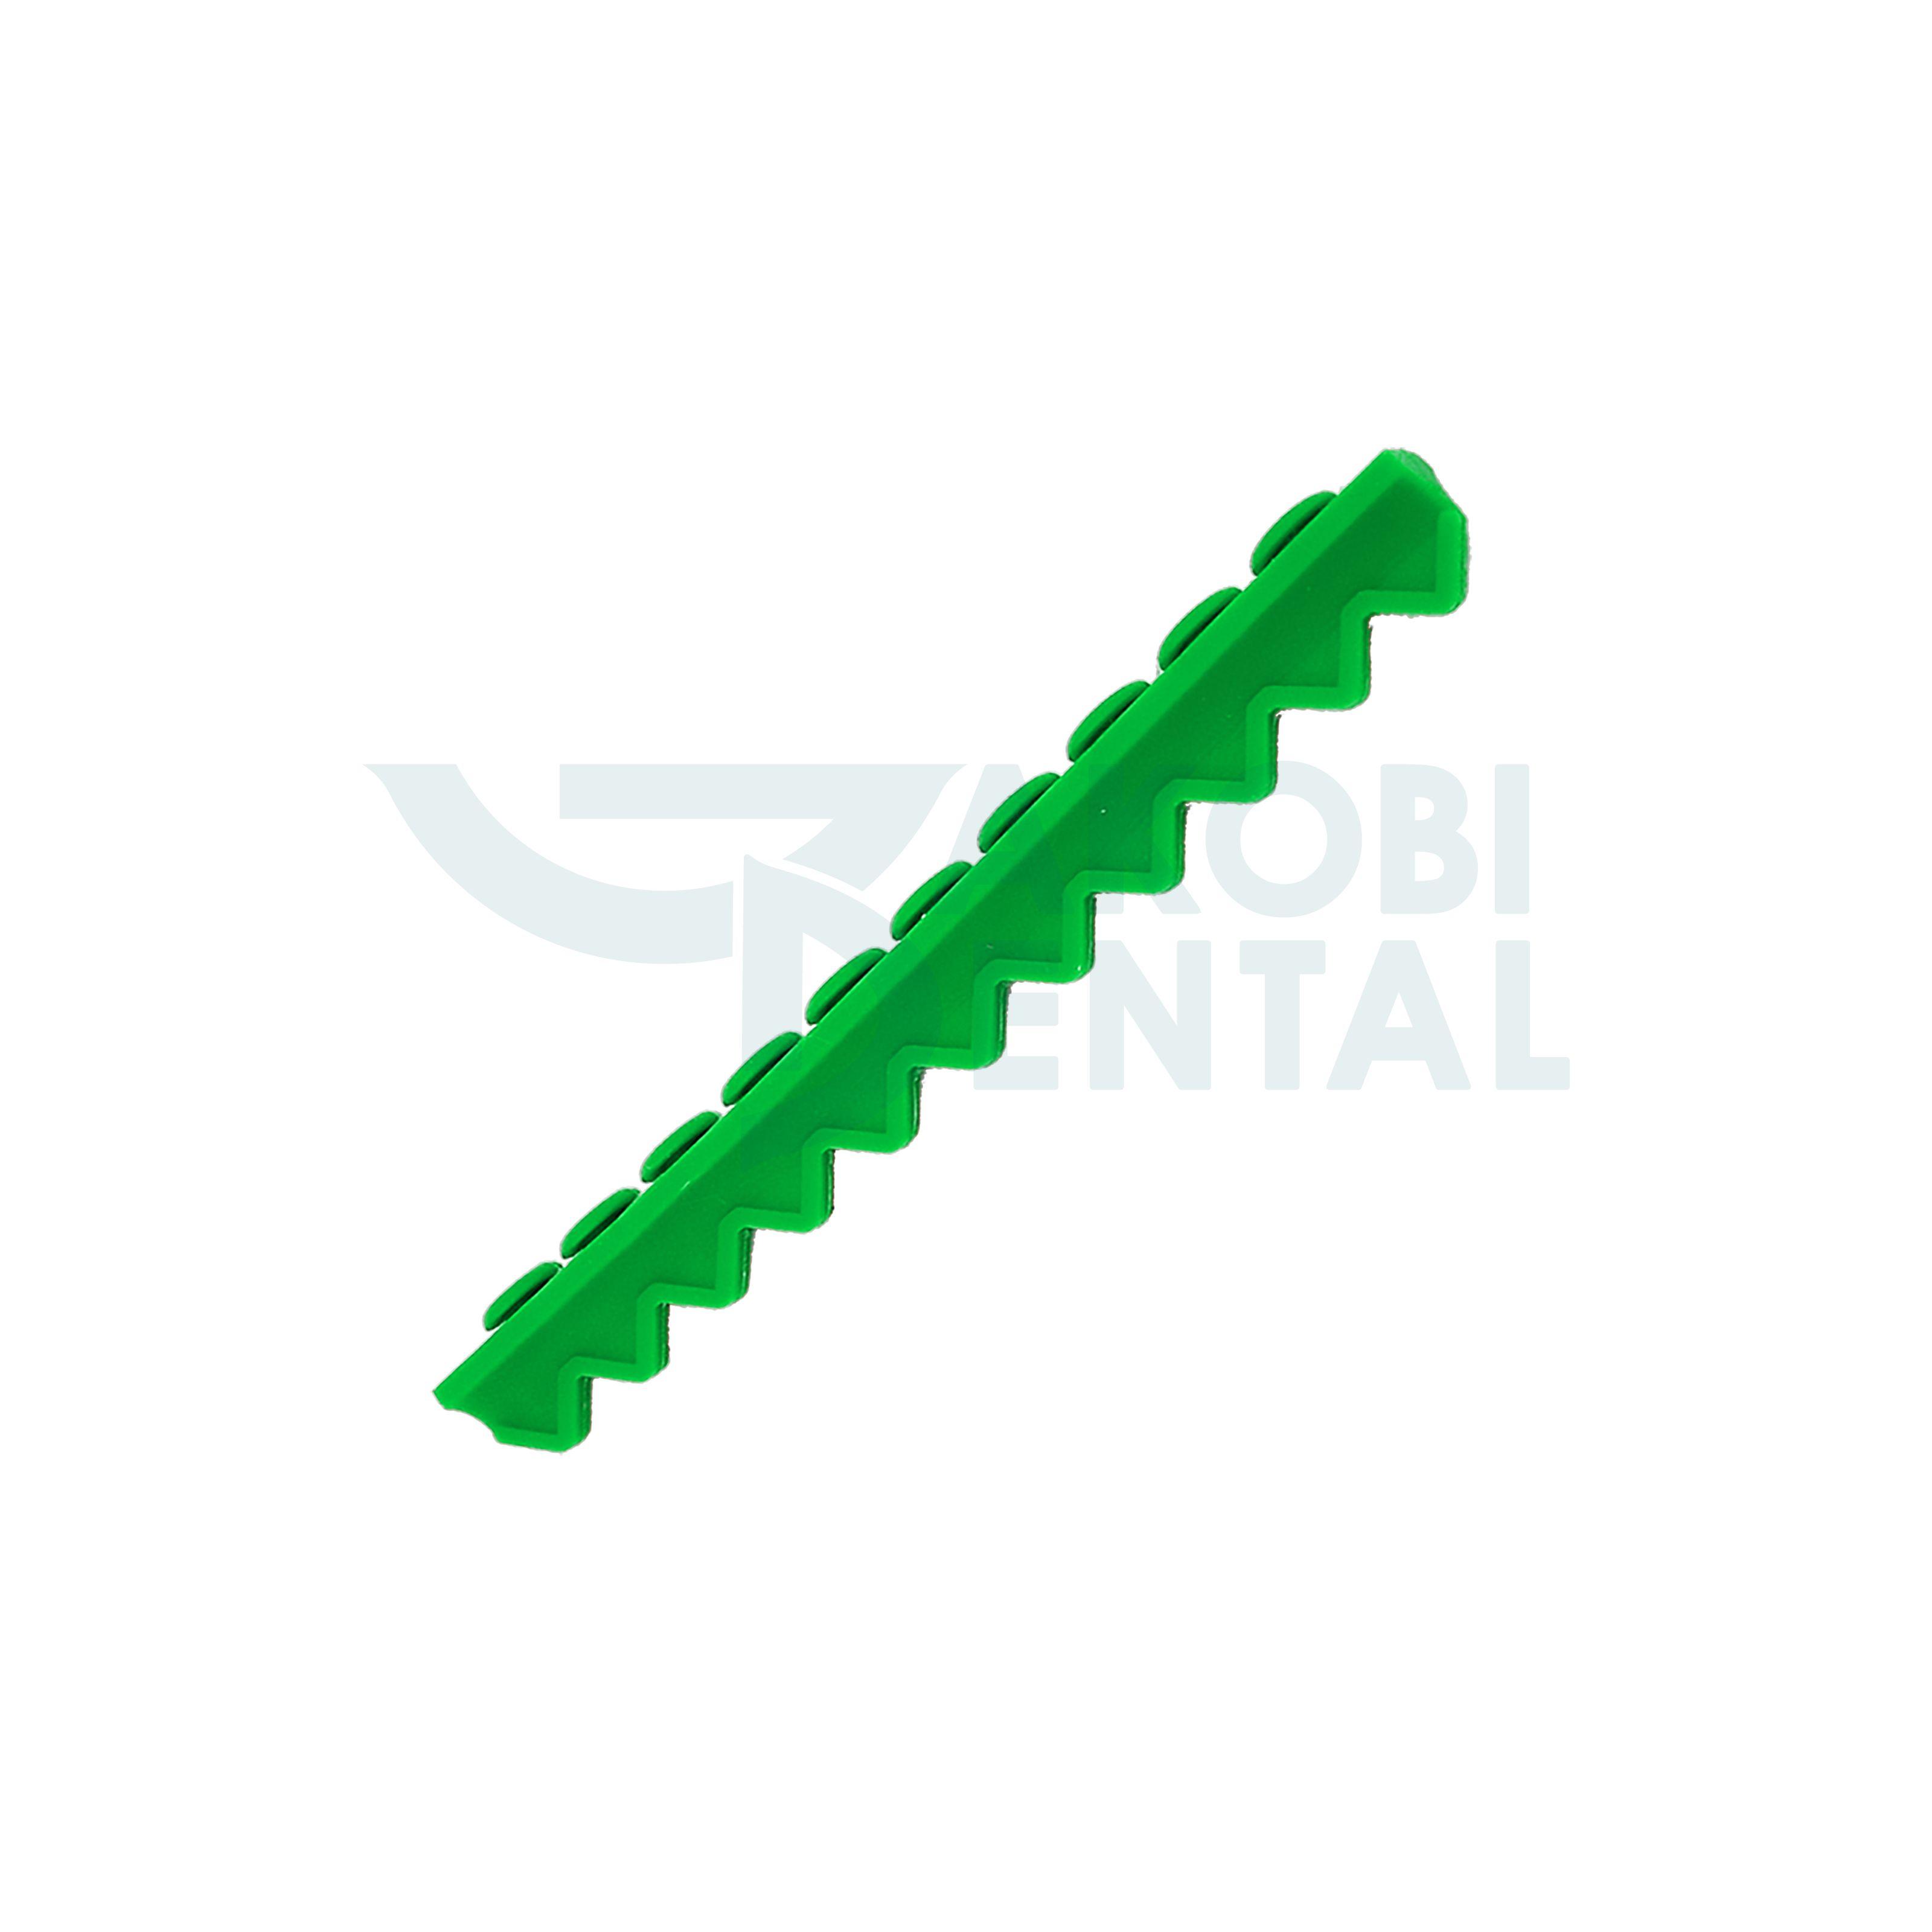 Instrumententräger für 10 Instrumente, grün